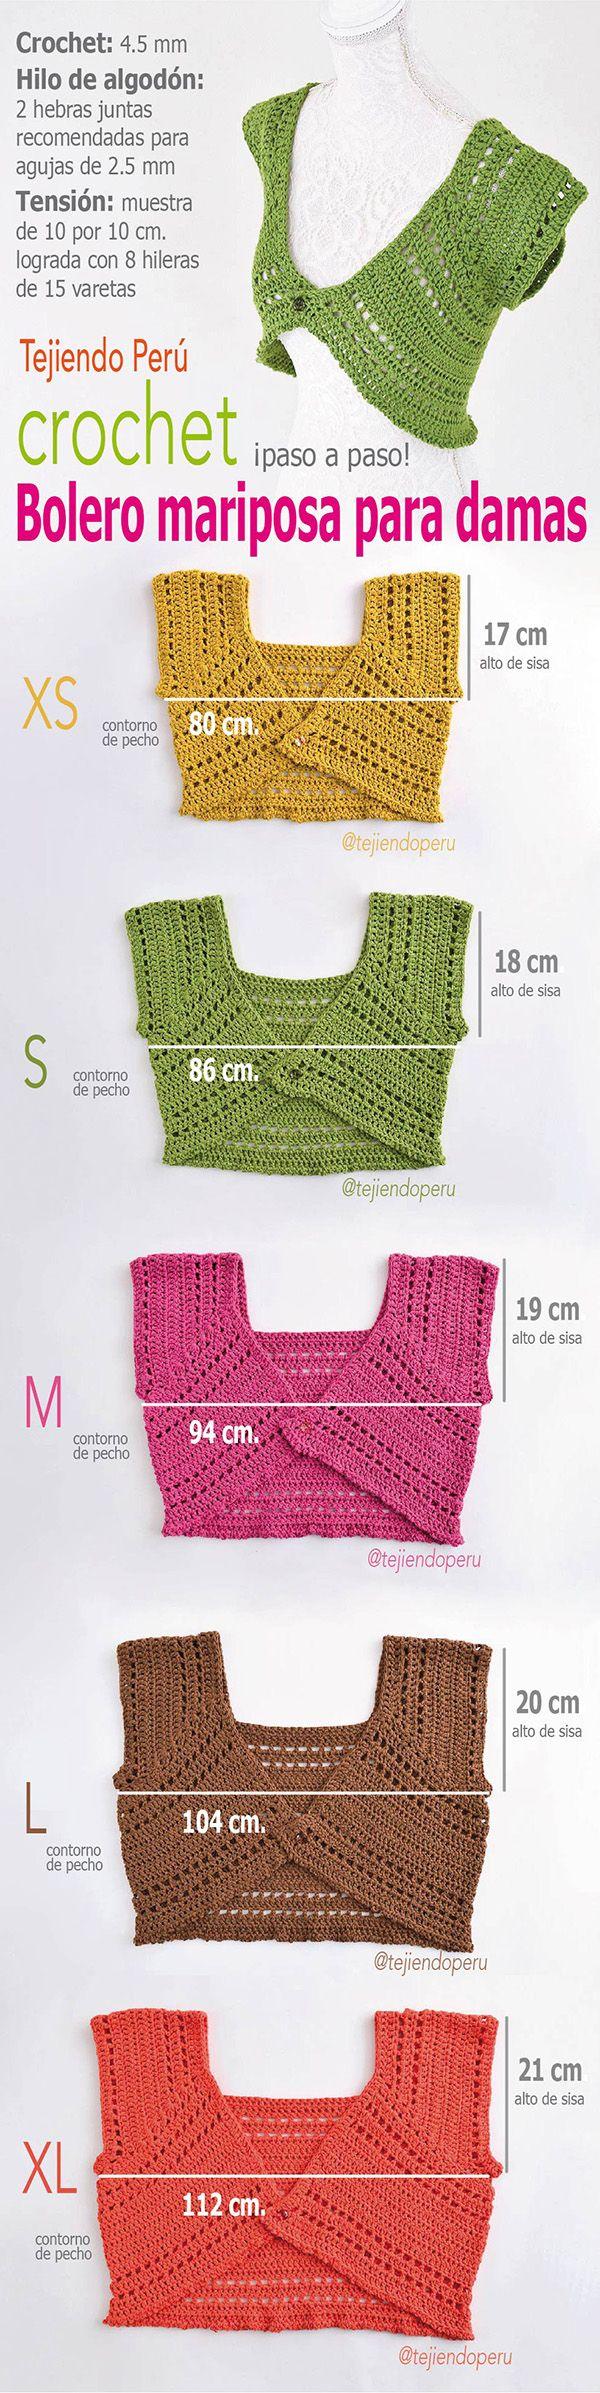 #Crochet: bolero mariposa para damas tejidos a crochet en 5 tallas! Paso a paso…